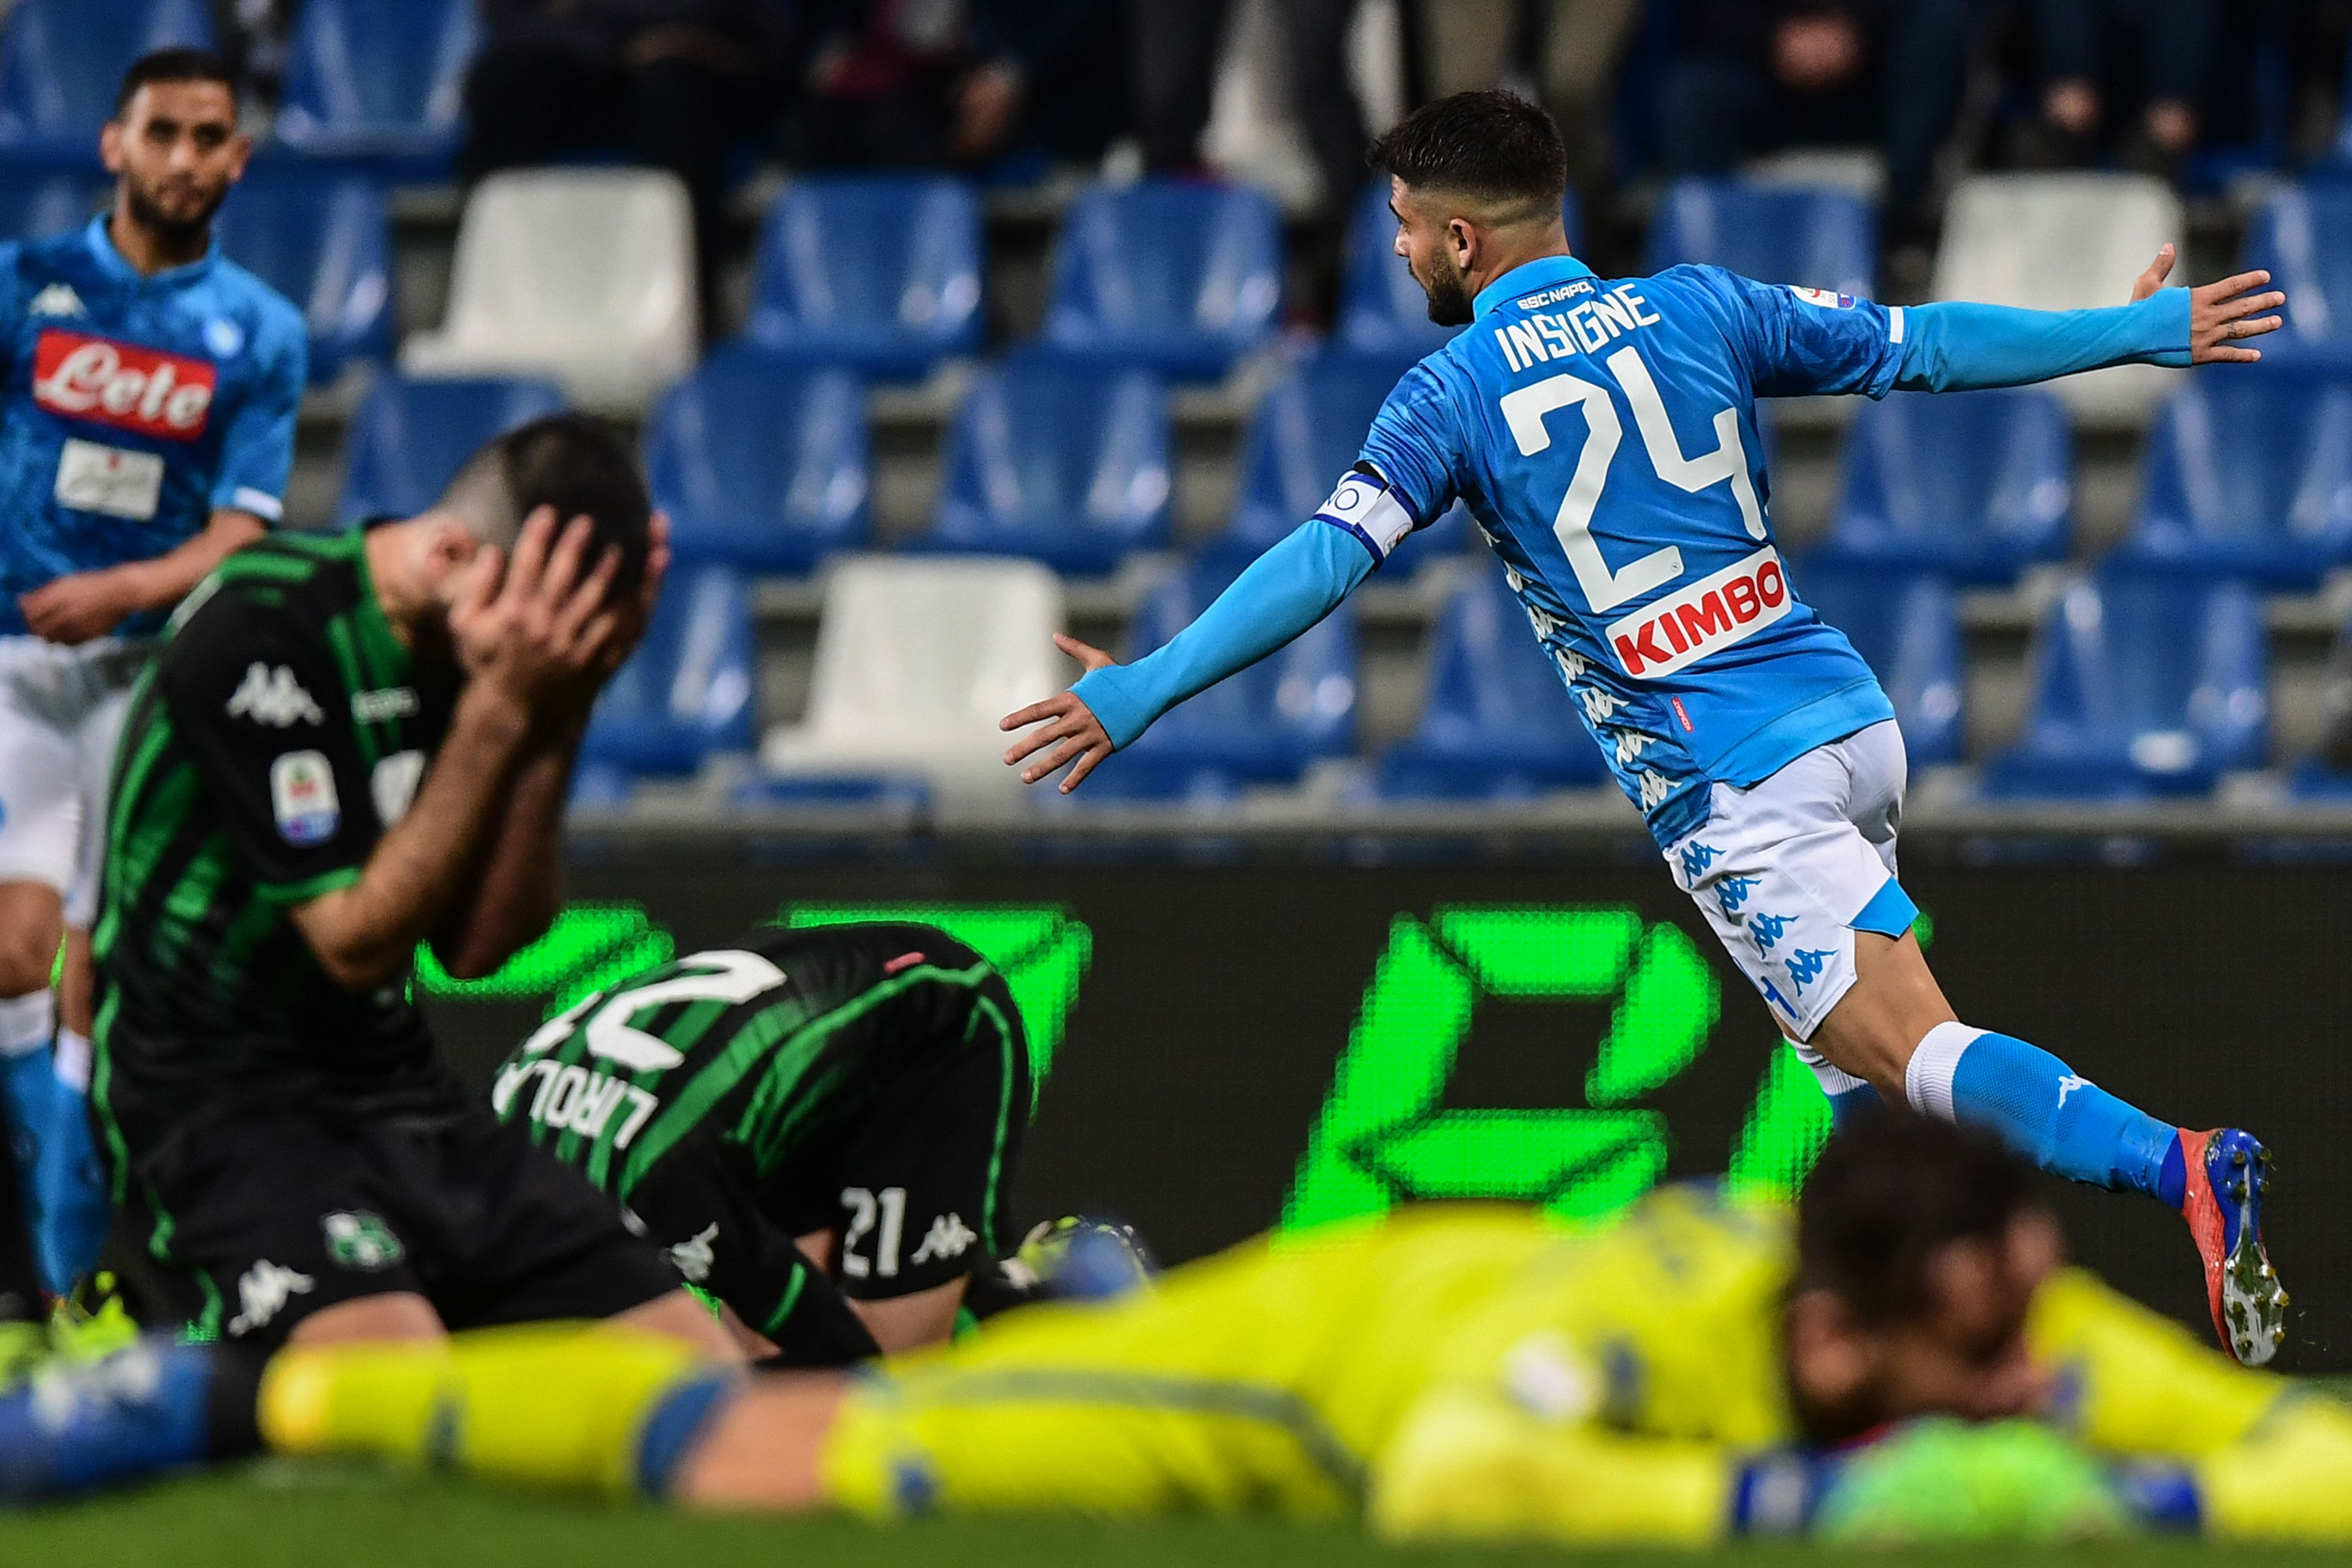 SSC Neapel Vs Arsenal Heute Live Im TV Und LIVE STREAM